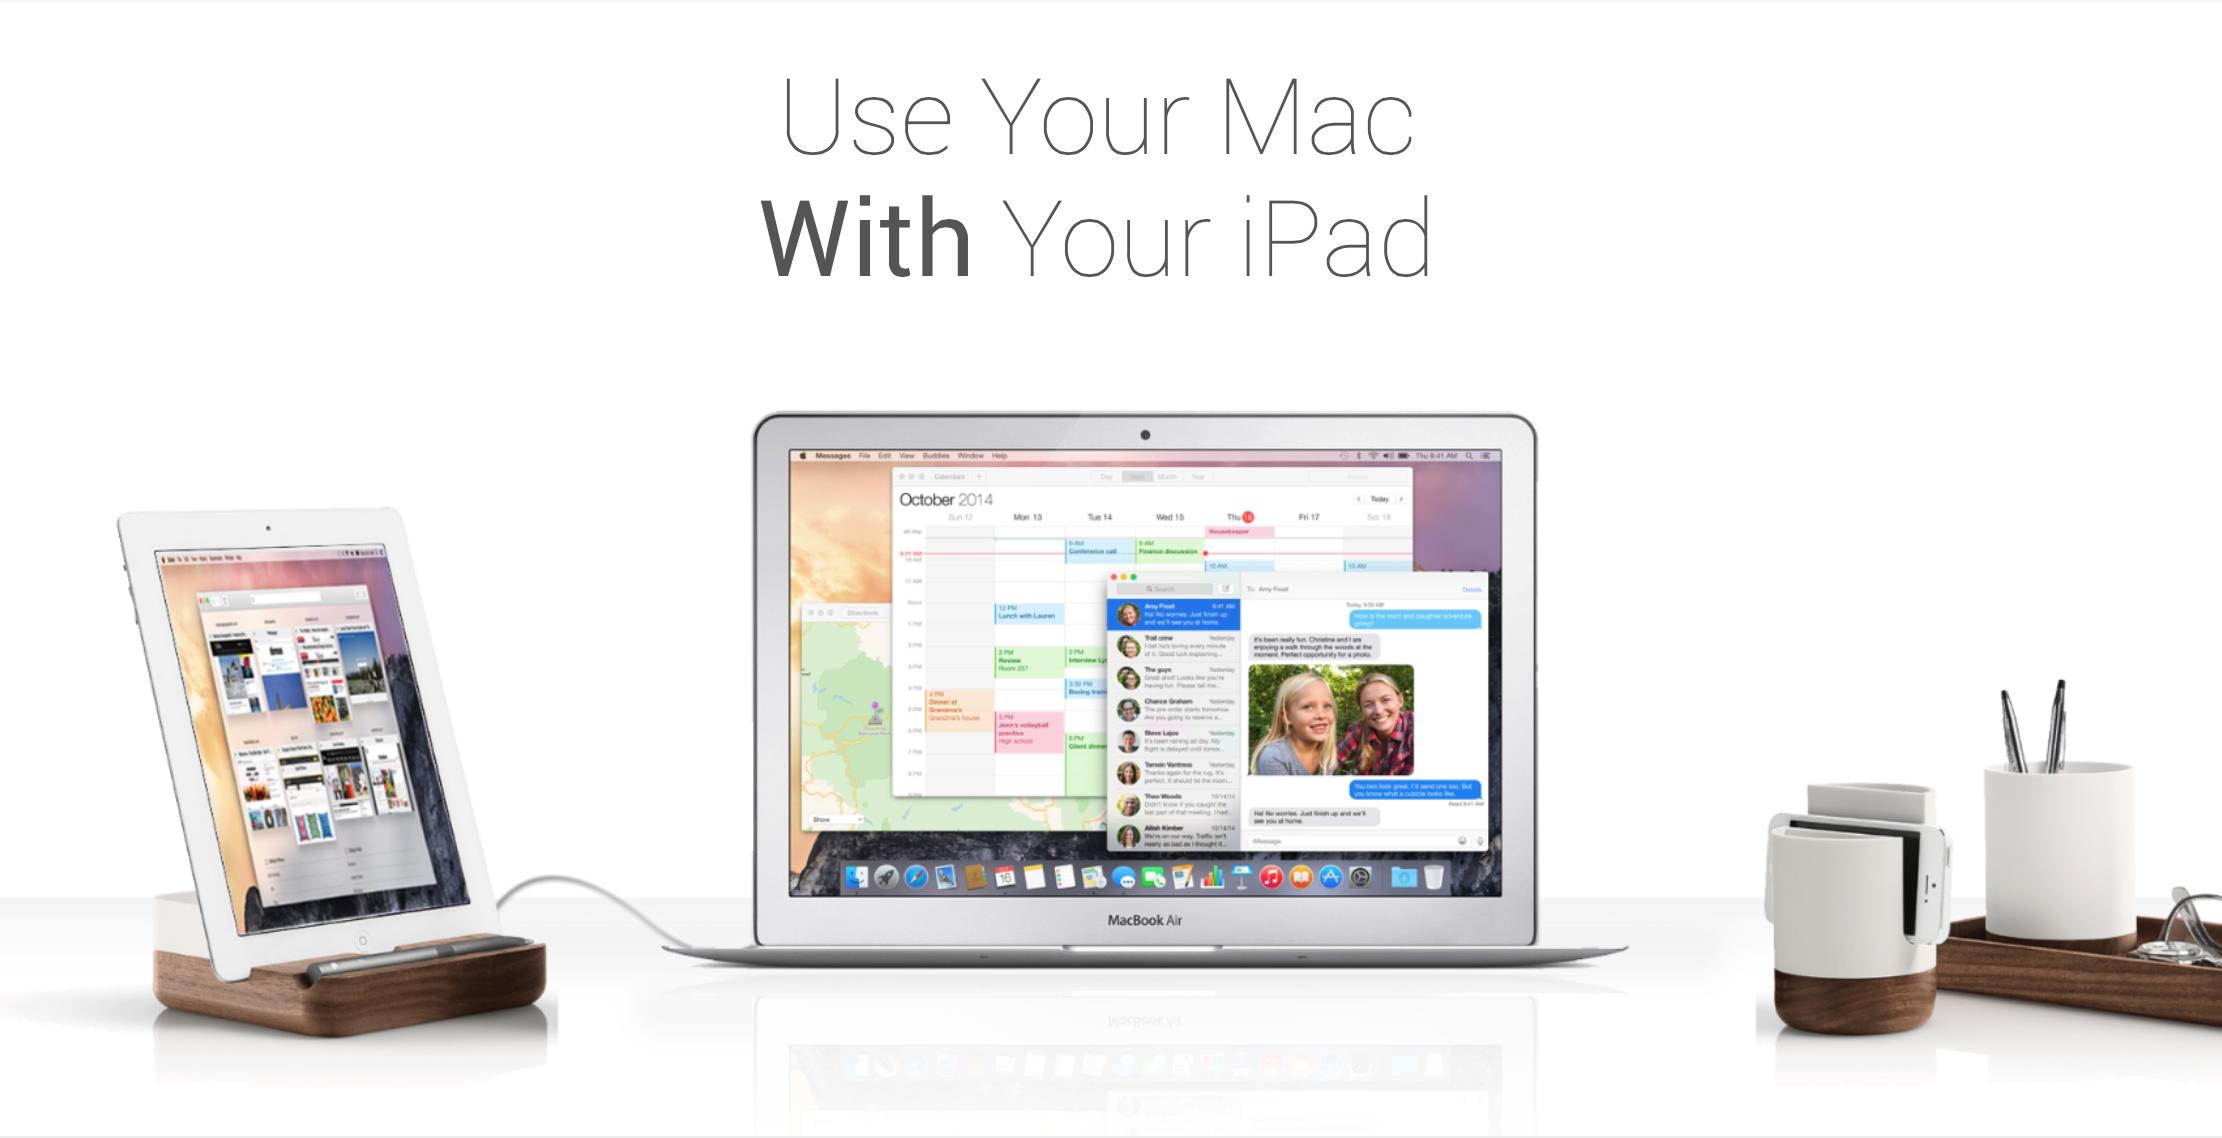 Приложение Duet Display появилось в App Store